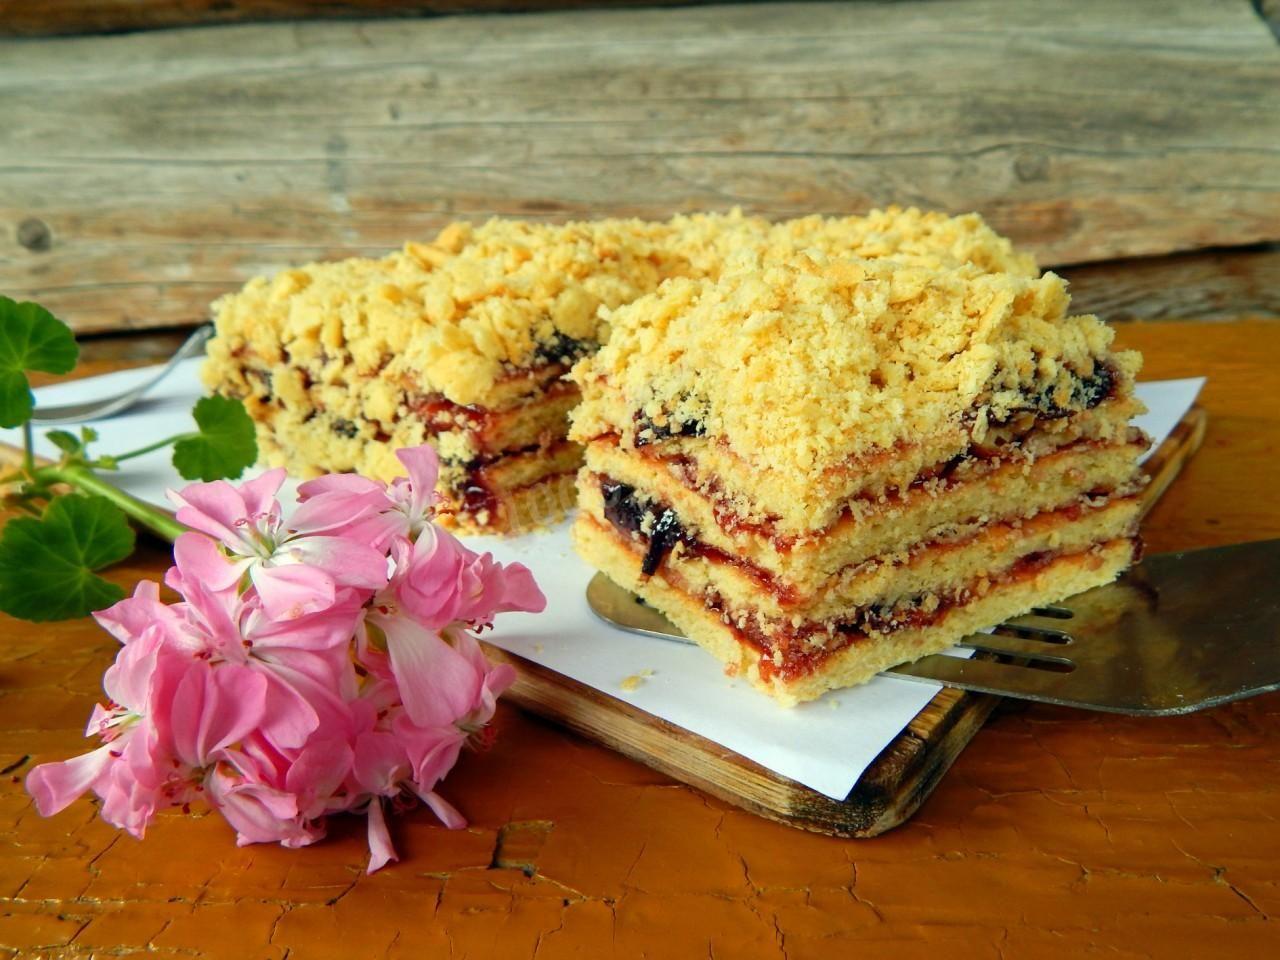 крем для песочного торта рецепт с фото перемещается диагонали ближайшее